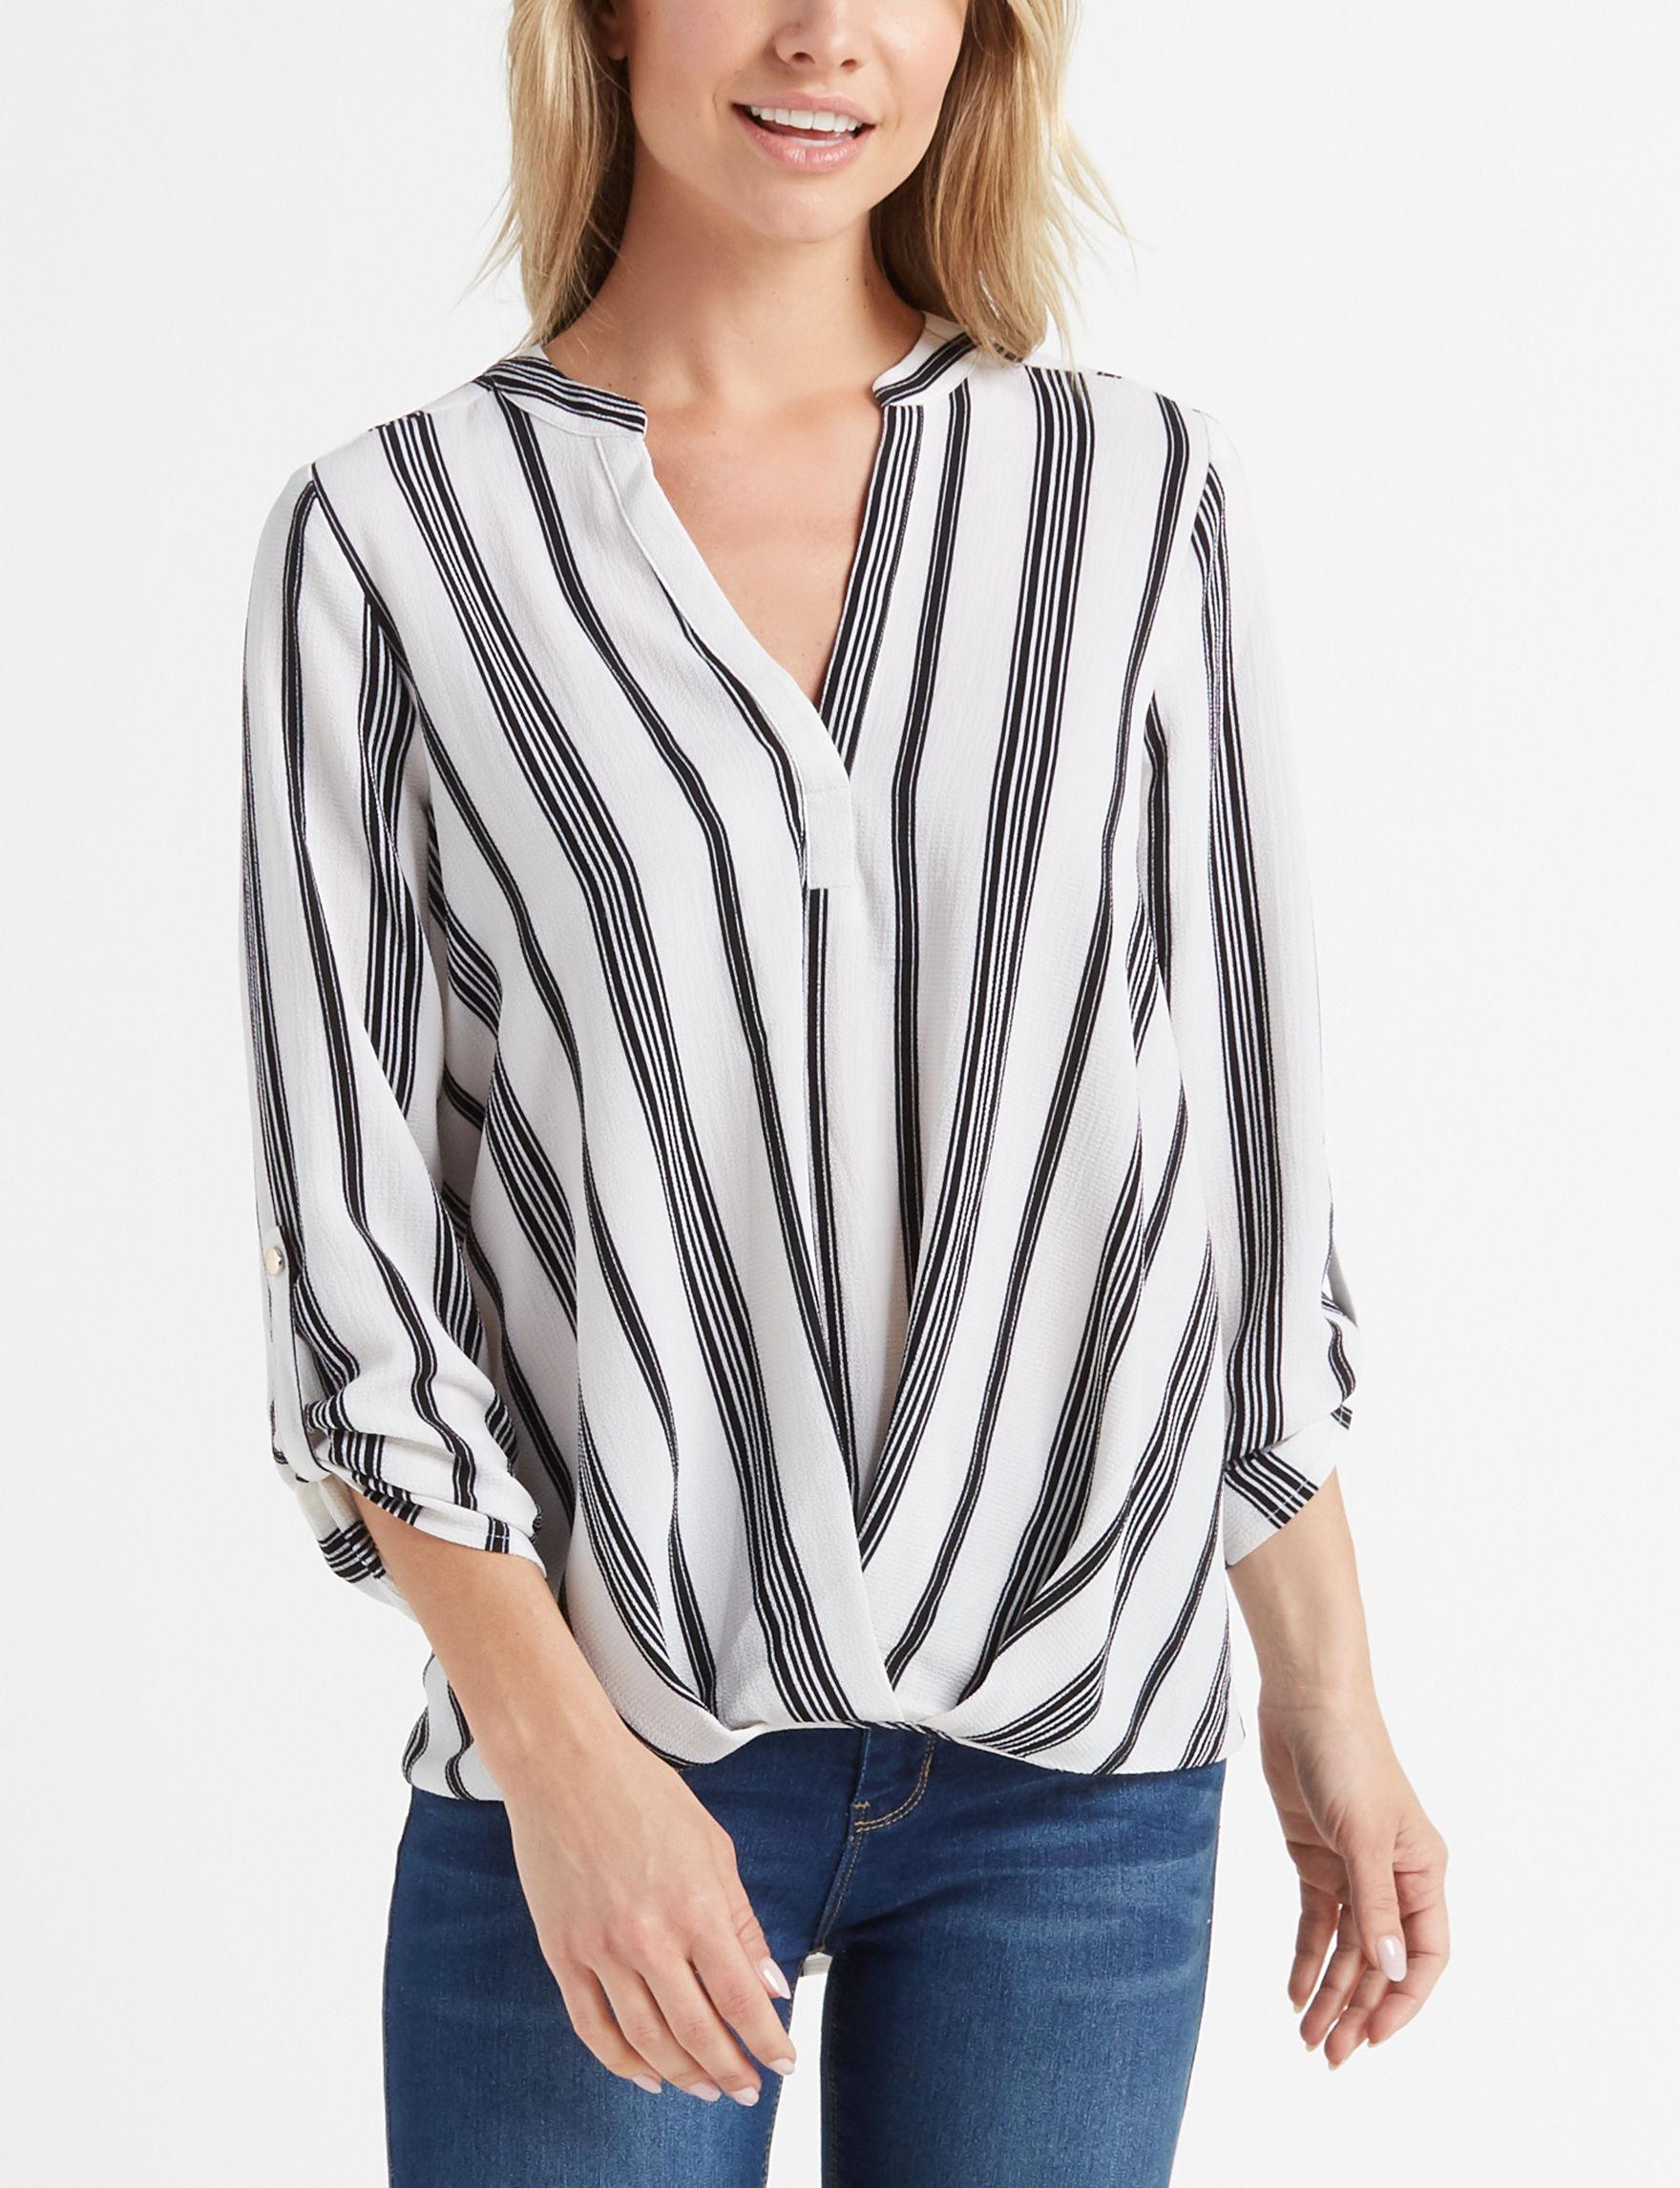 Isela White Shirts & Blouses